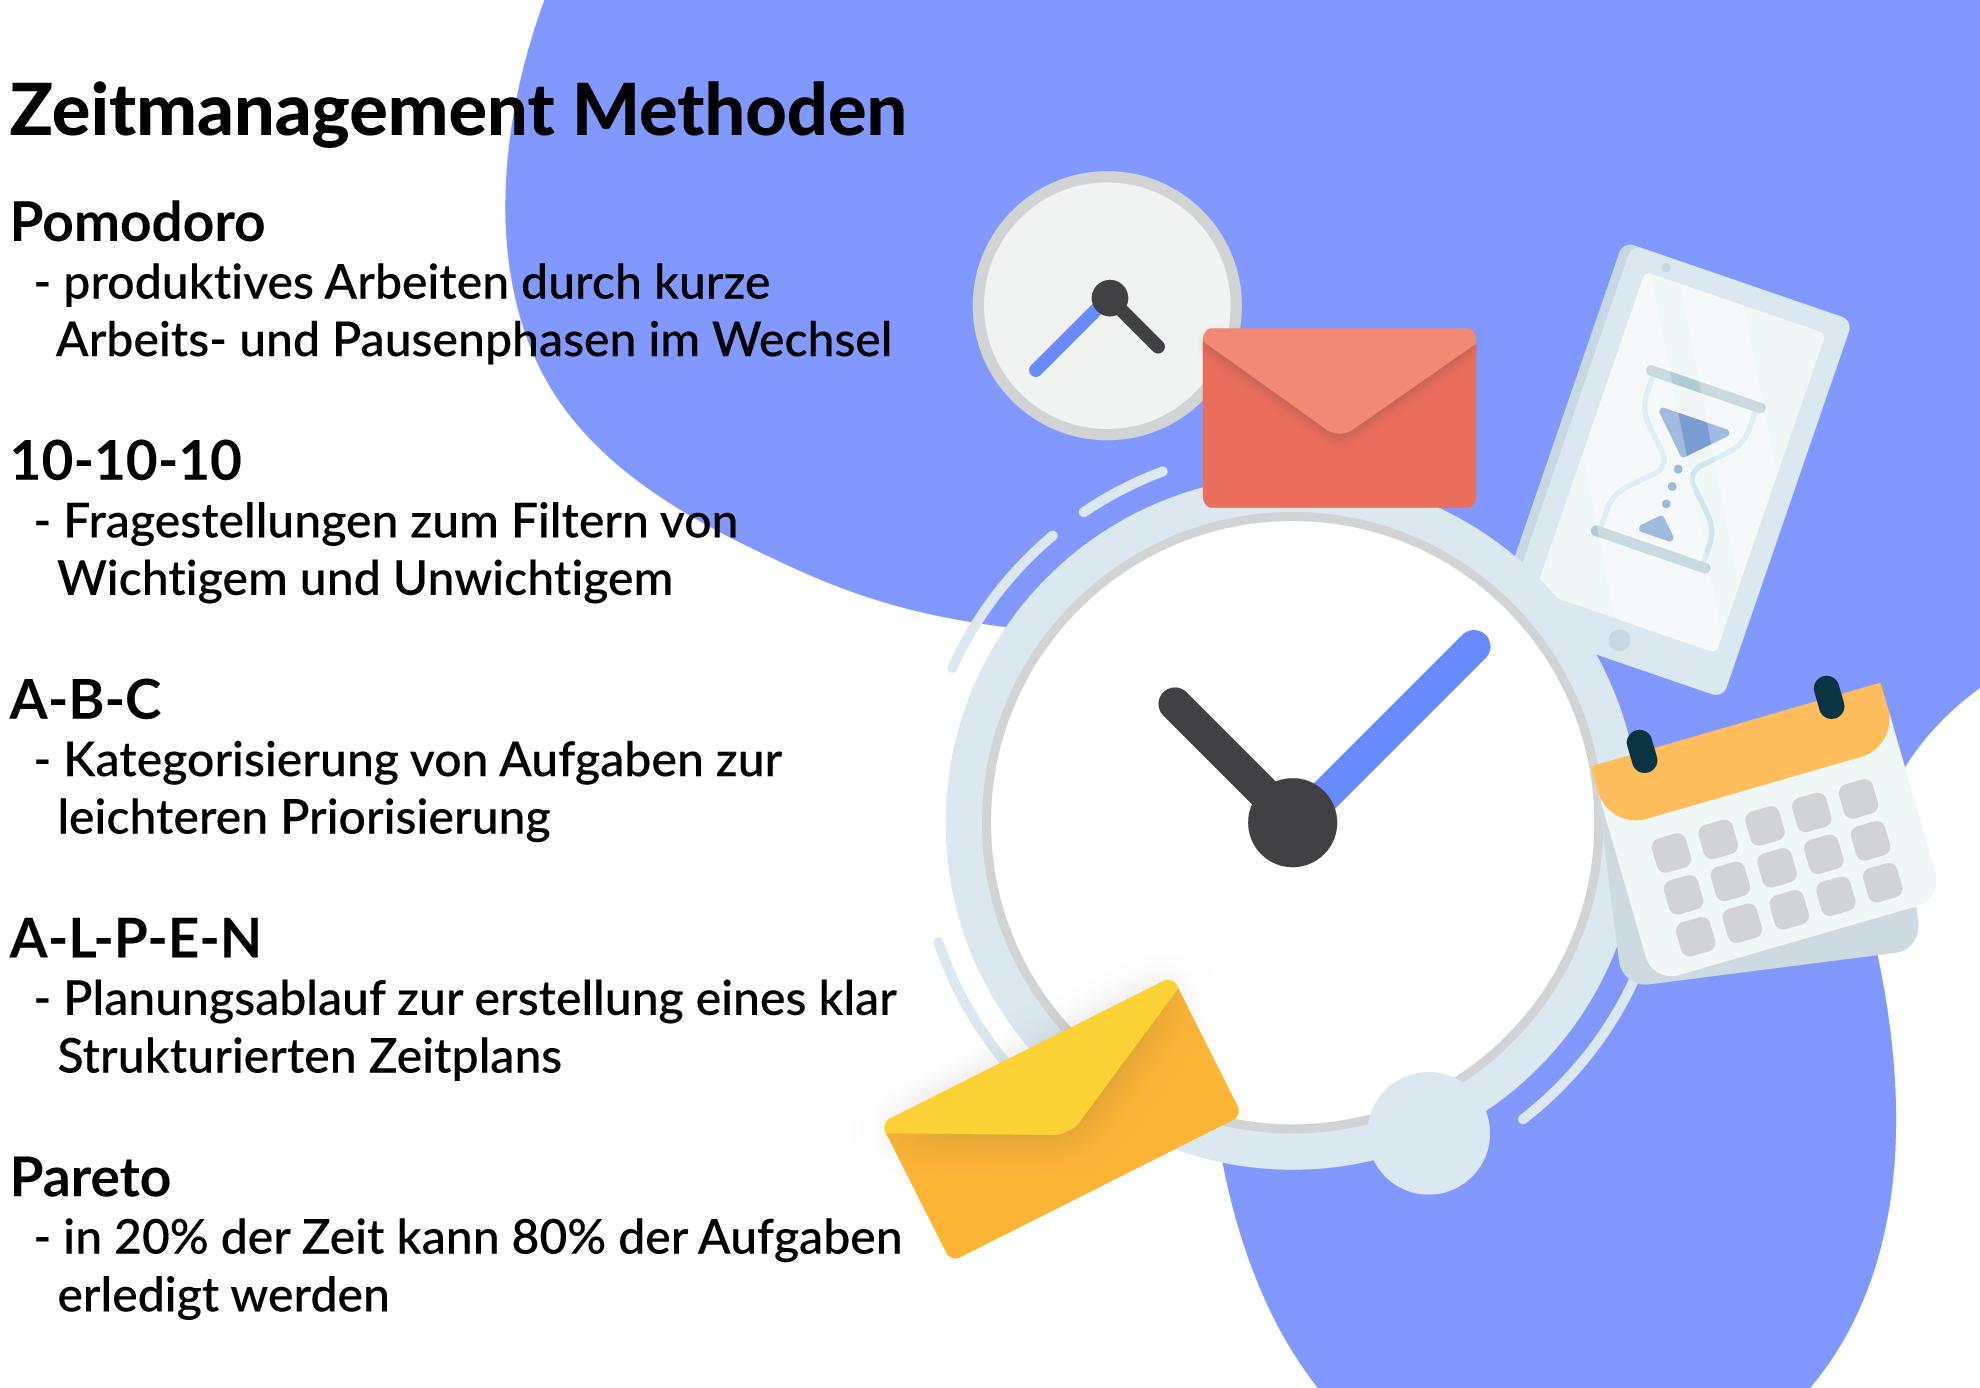 Zeitmanagement: Mit diesen Tipps kommt ihr besser durch den Tag 1